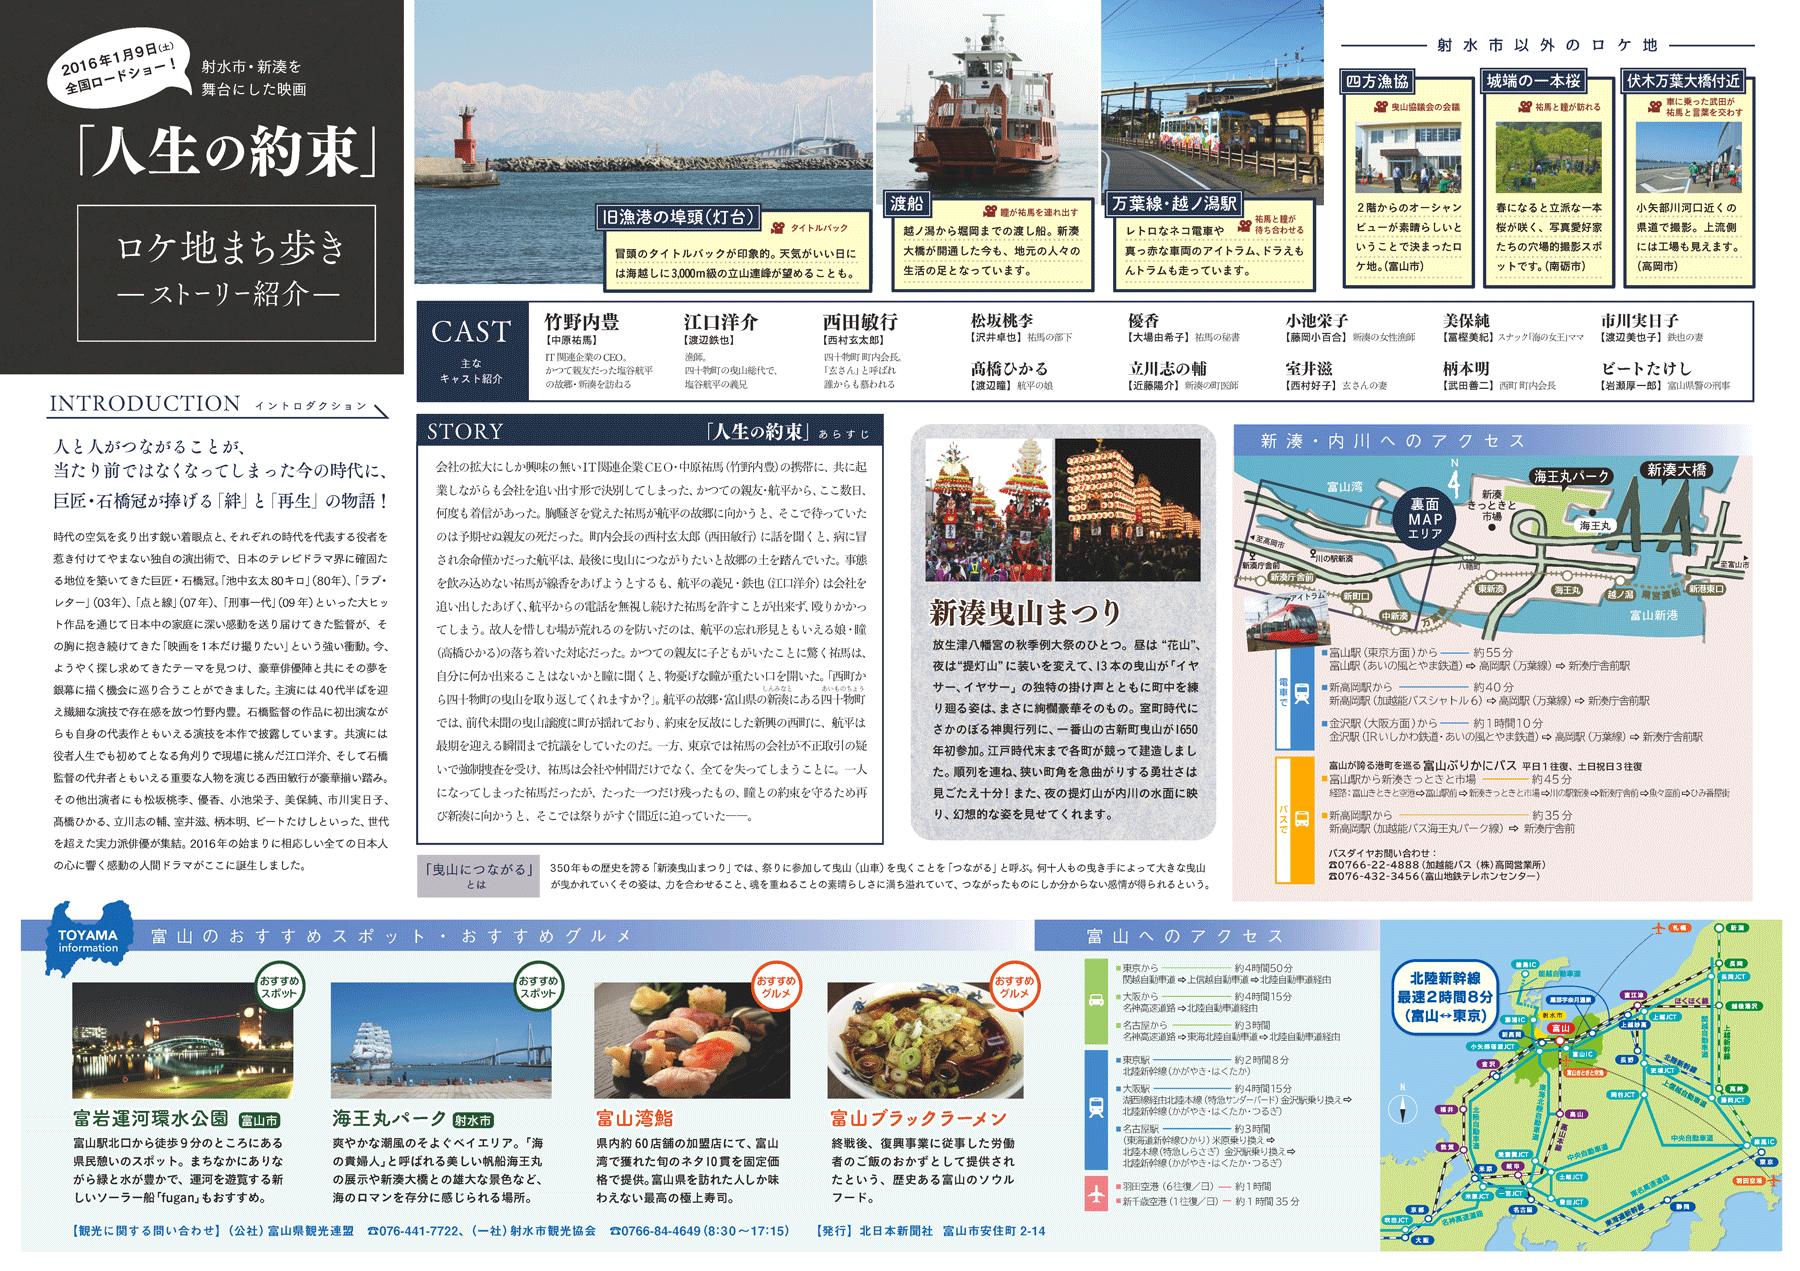 映画「人生の約束」ロケ地マップ2